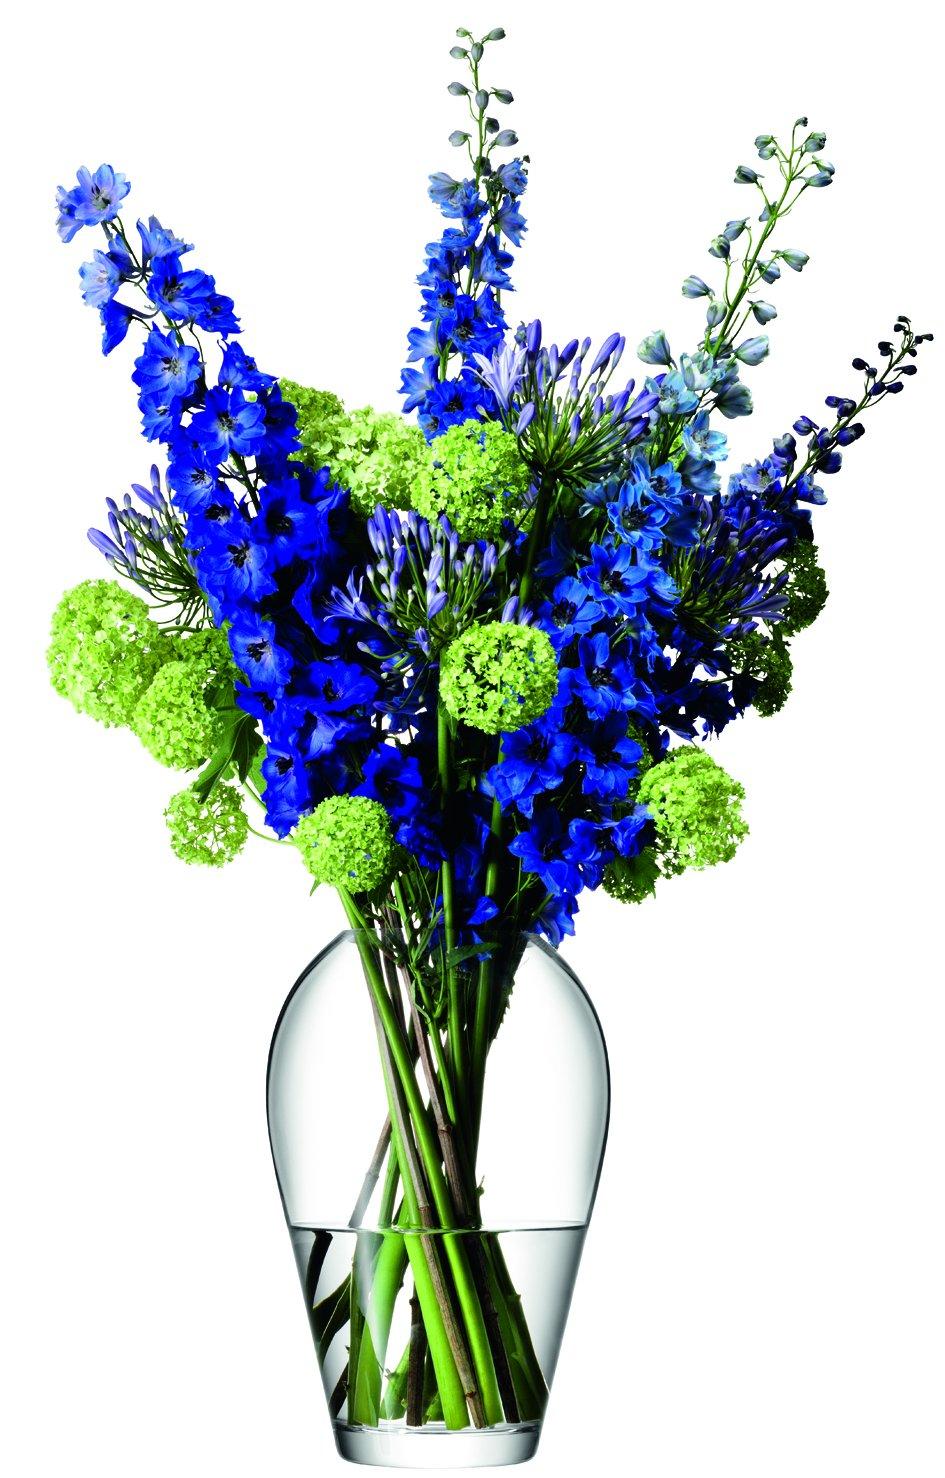 G668-35-301 Flower Grand Bouquet Vase LFW09 LFW09 B004FO1BPK